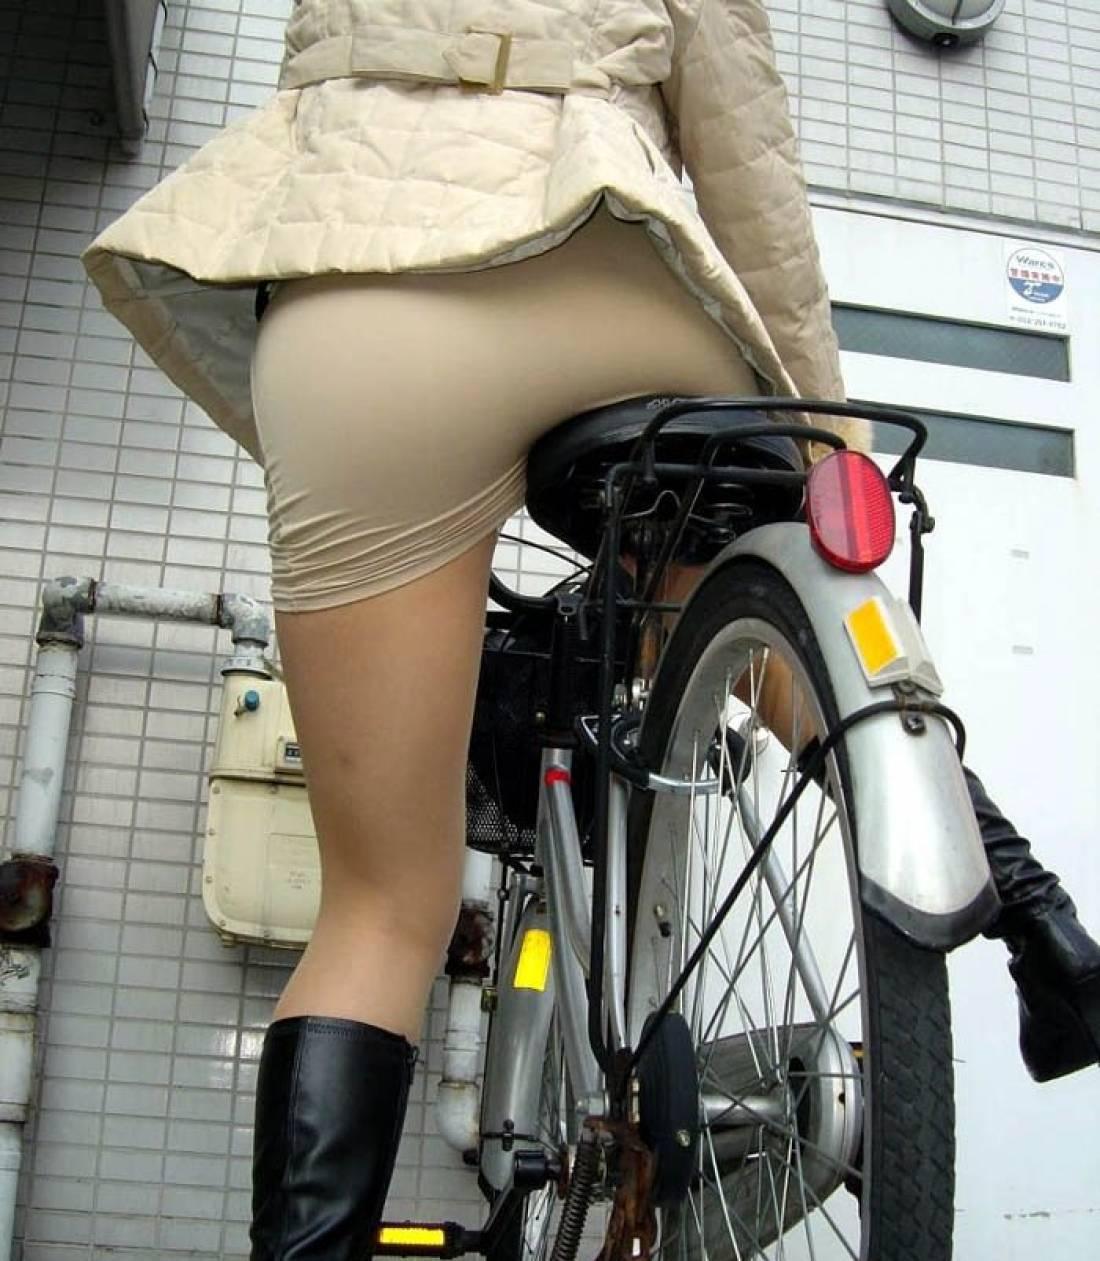 【自転車のエロ画像】サドルになりたくはないけど敷かれたい気持ちは理解したwww自転車に乗ったエロ尻  15